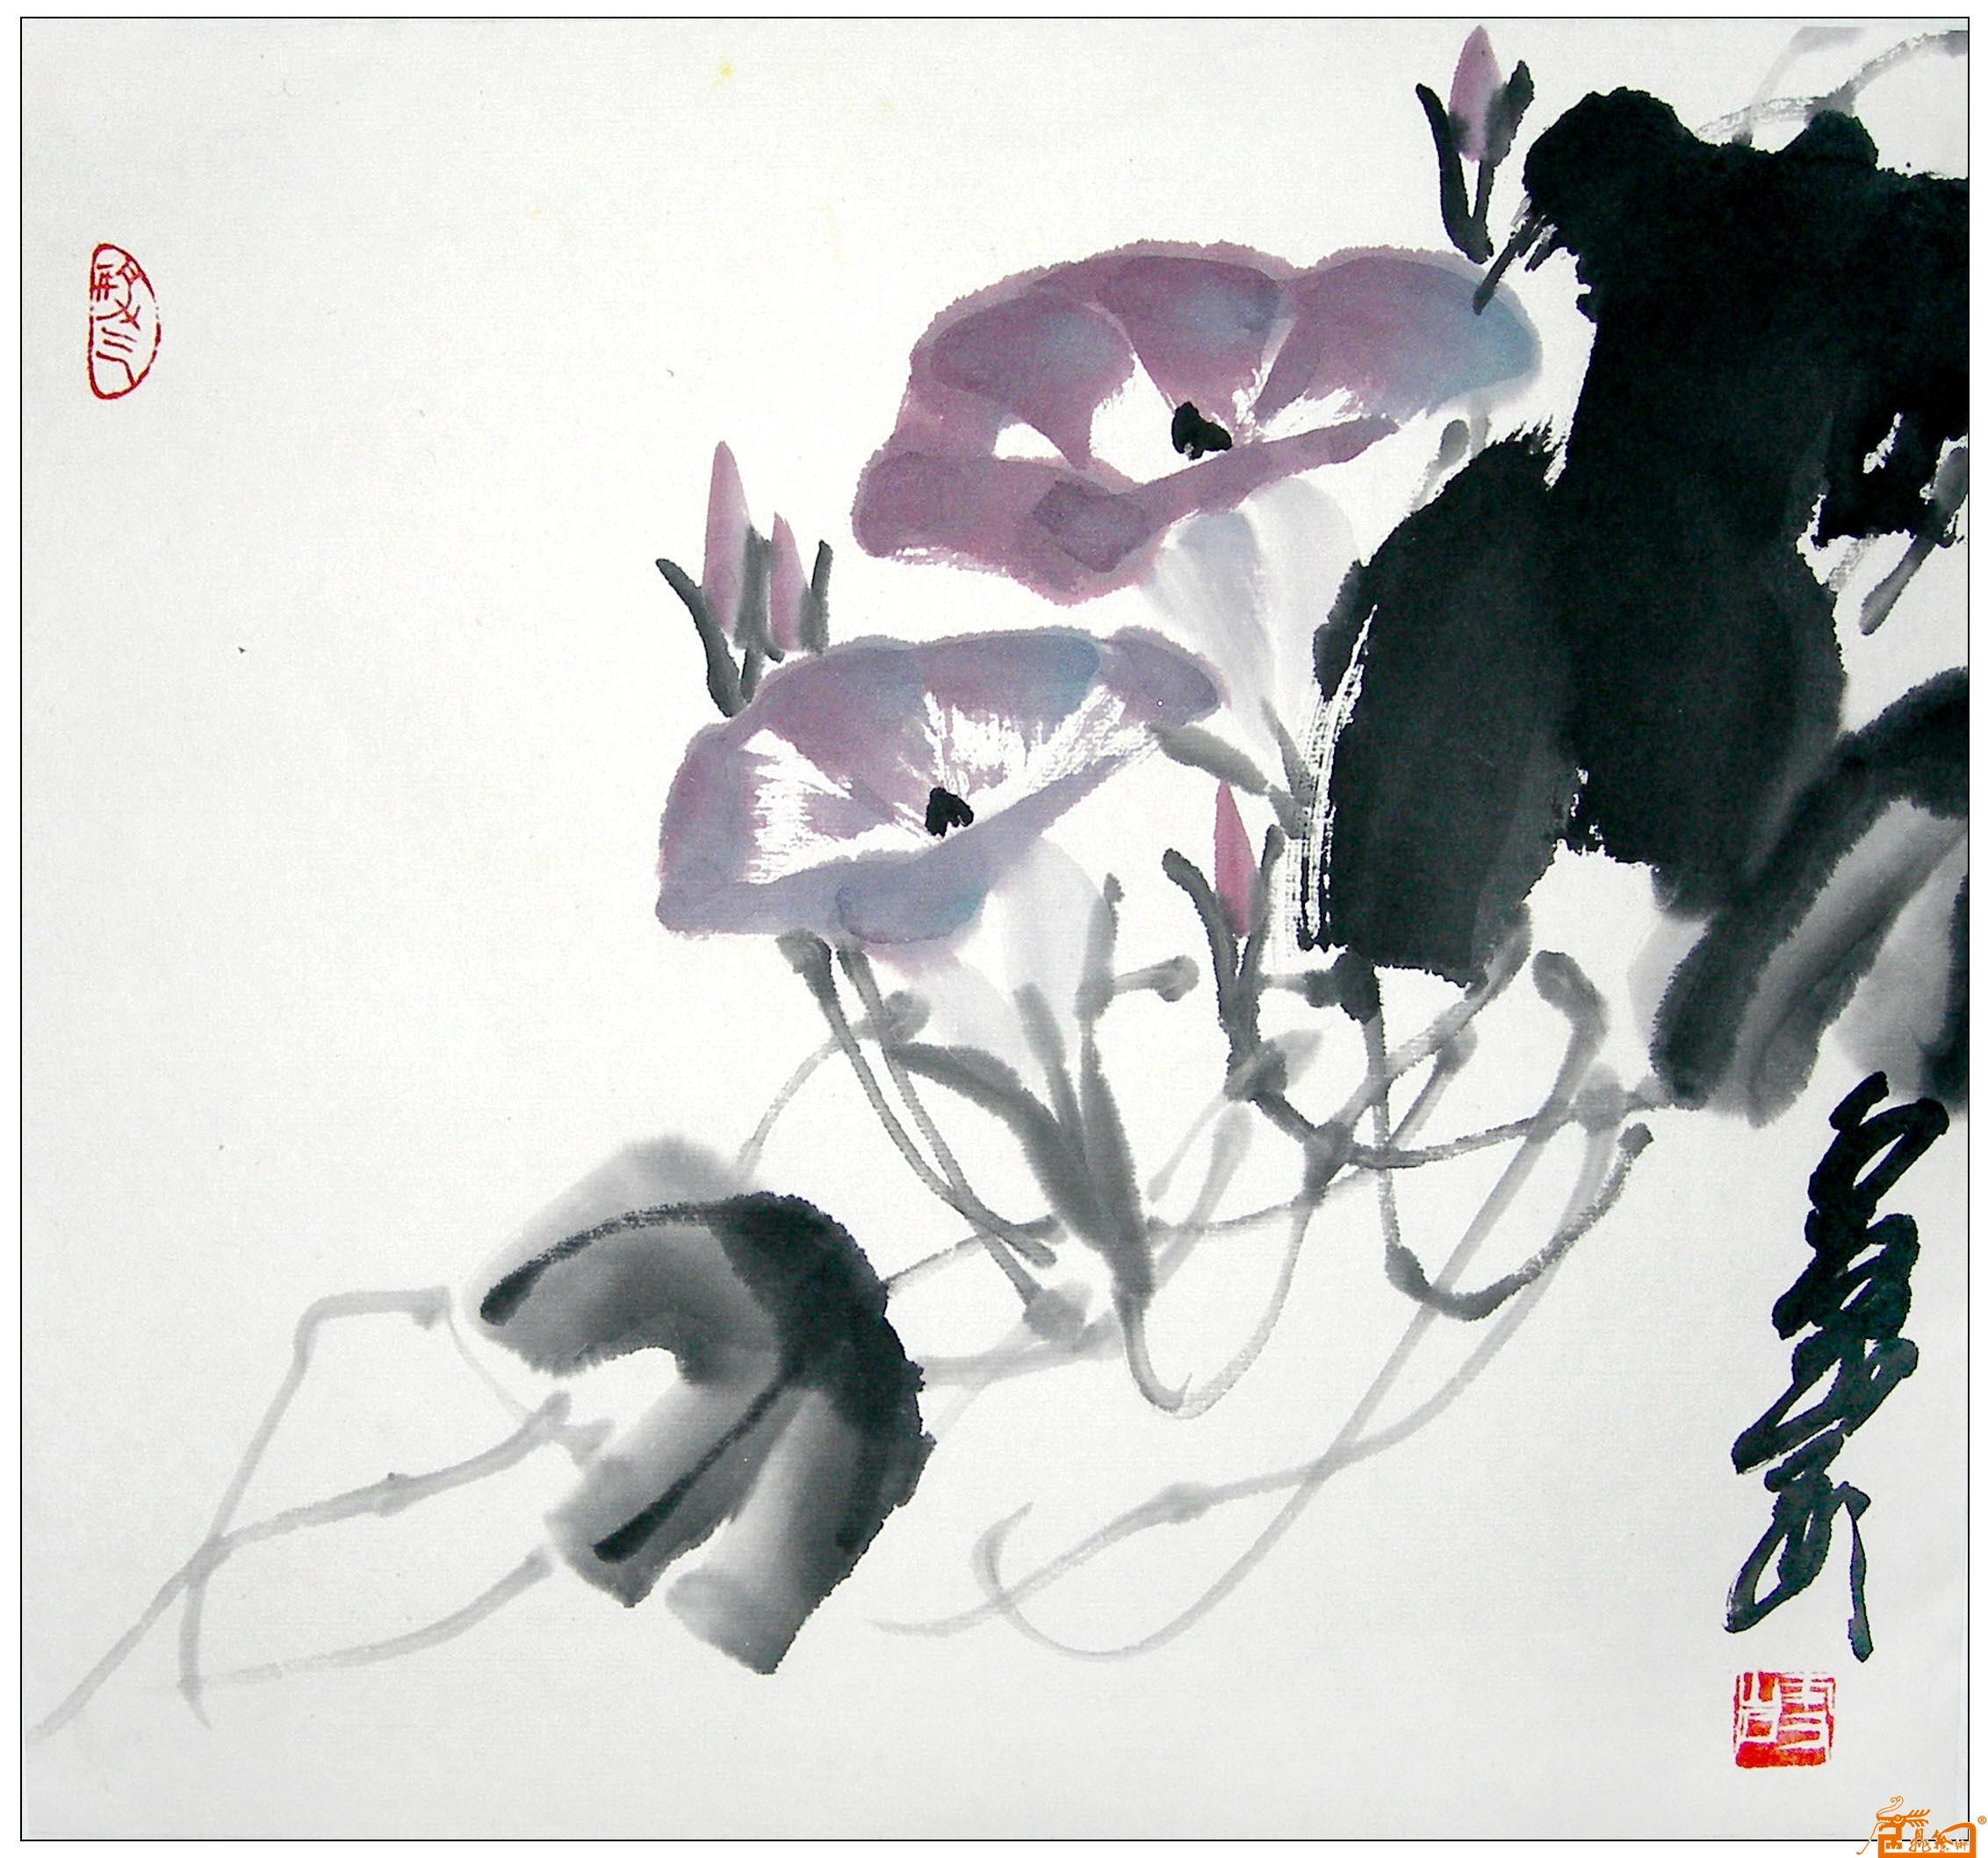 作品称号: 牵牛花; 牵牛花-杜伟-淘宝-名人字画-中国